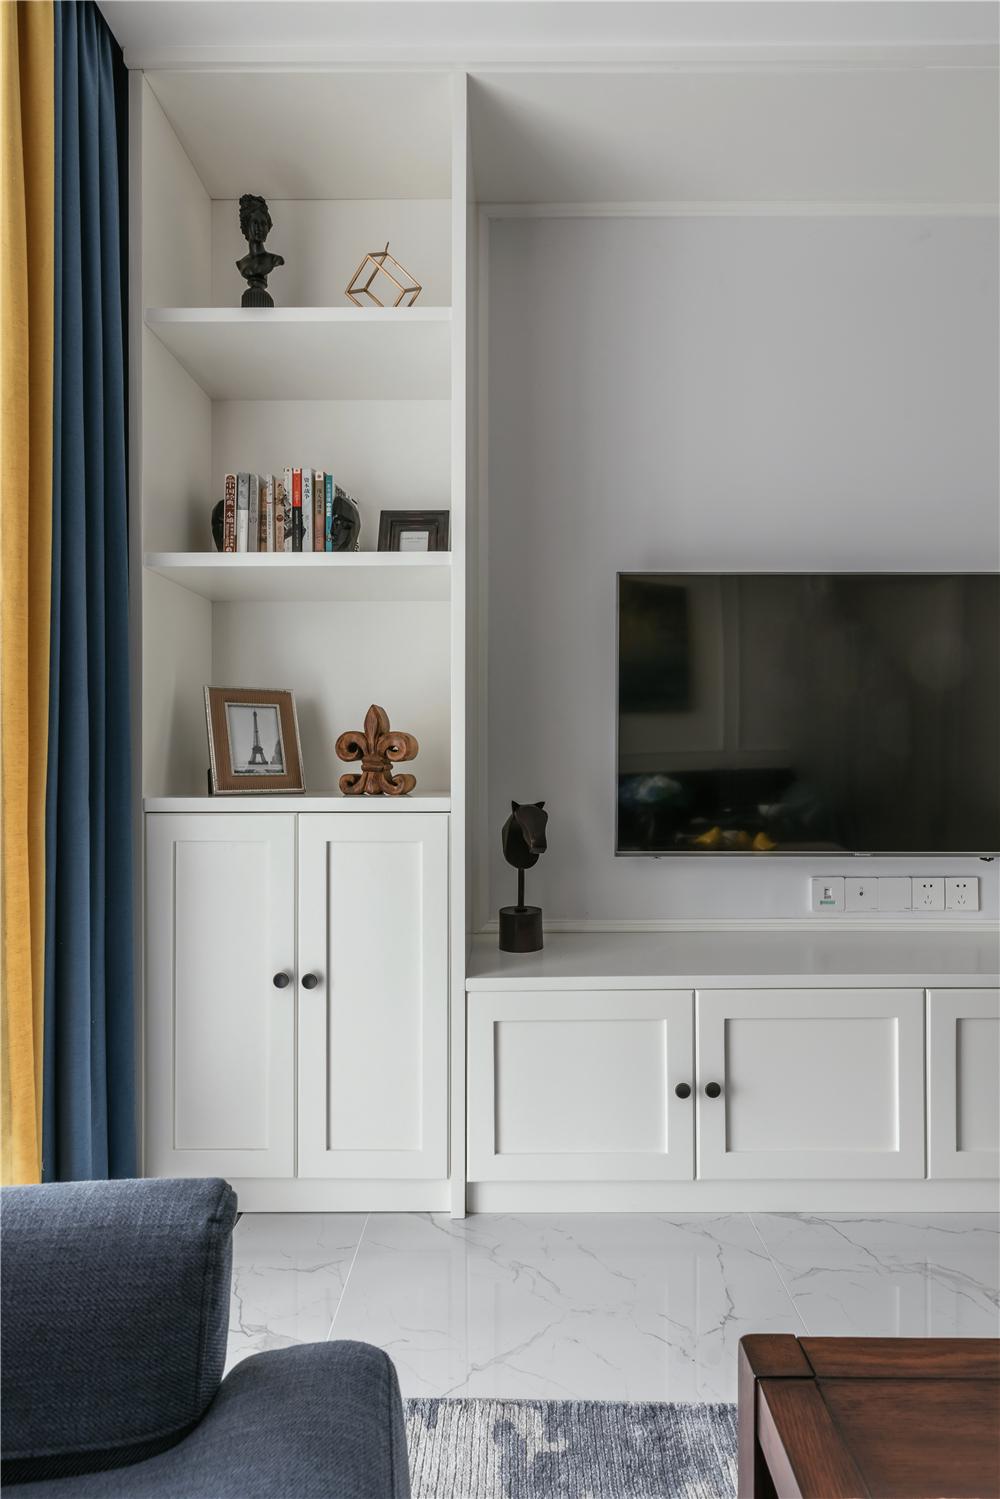 简美风格两居电视墙装修效果图